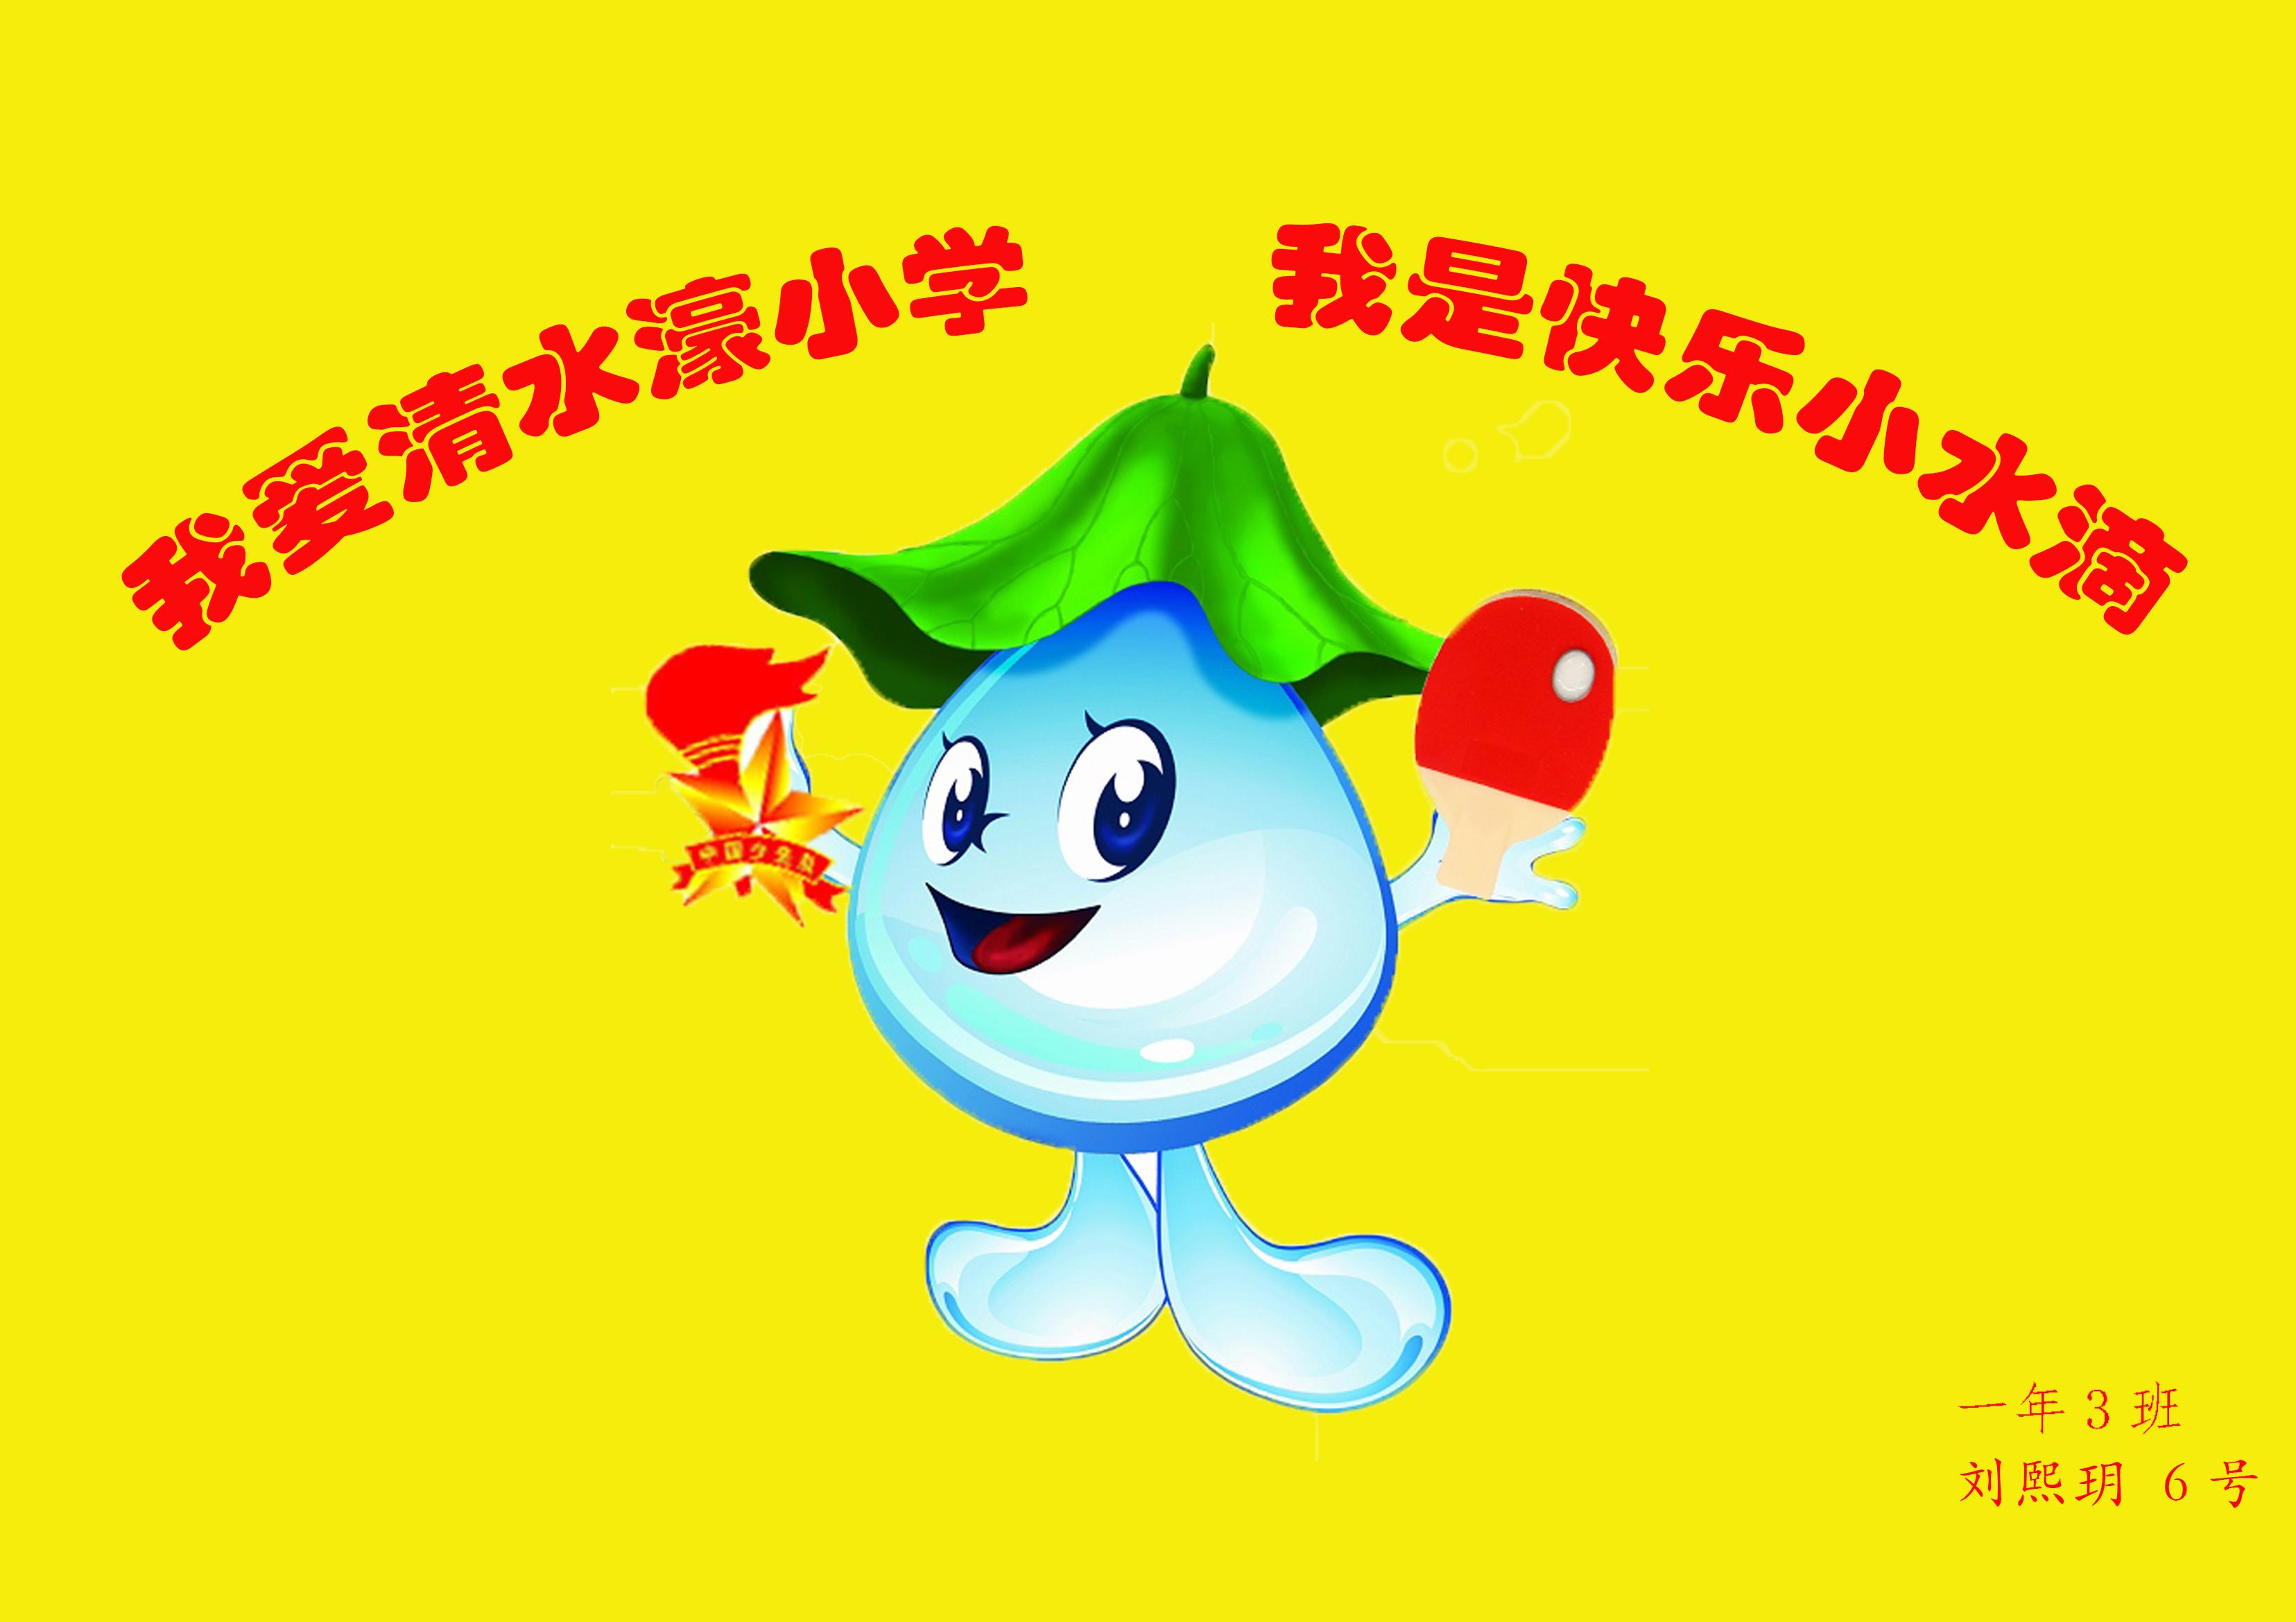 小学中队队徽设计图图片